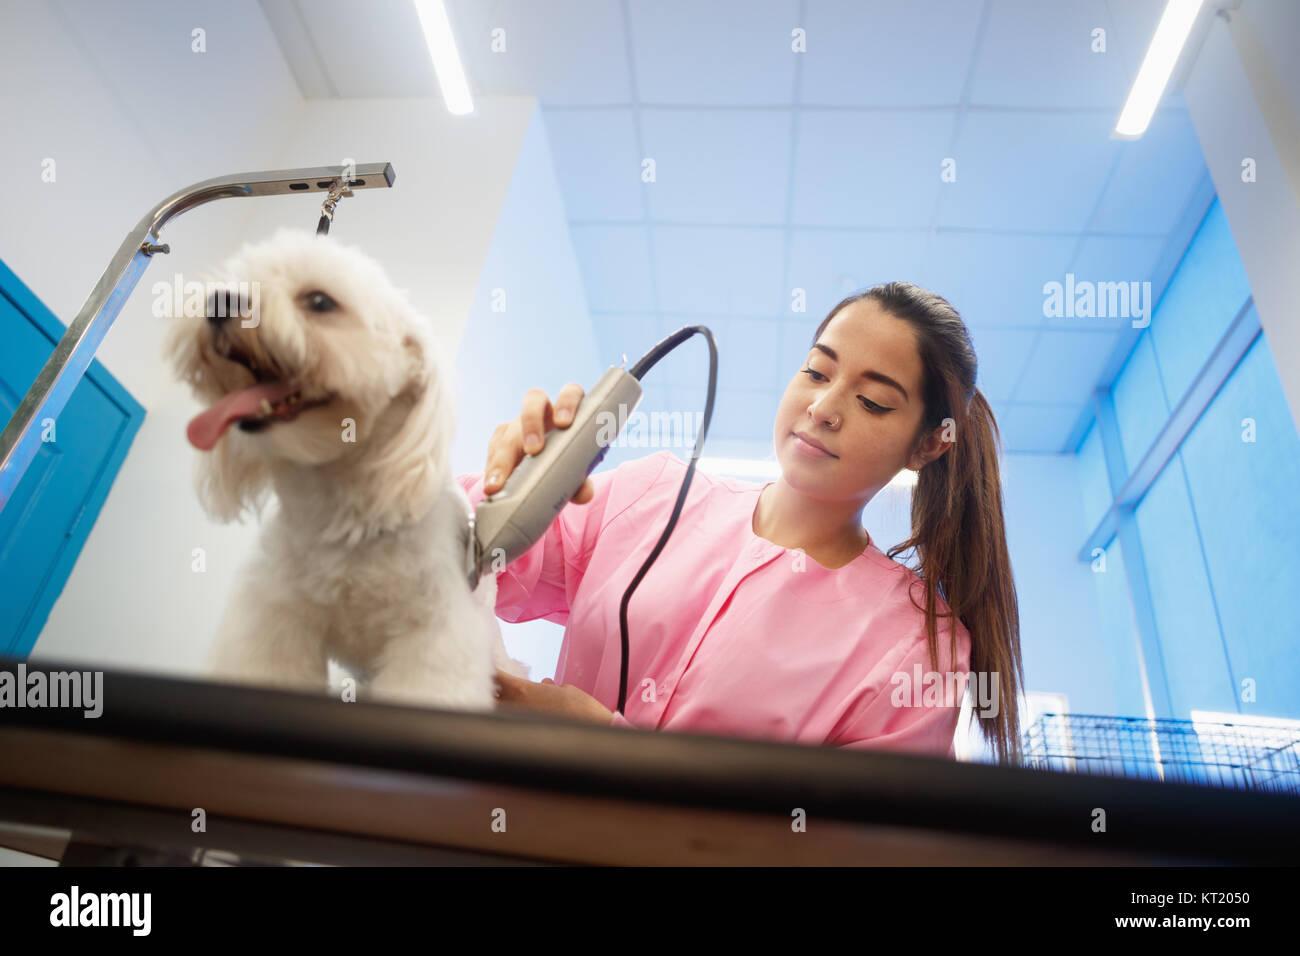 Jeune femme travaillant dans pet shop, la coupe des poils de chien avec clipper, fille de chiot toilettage en magasin Photo Stock